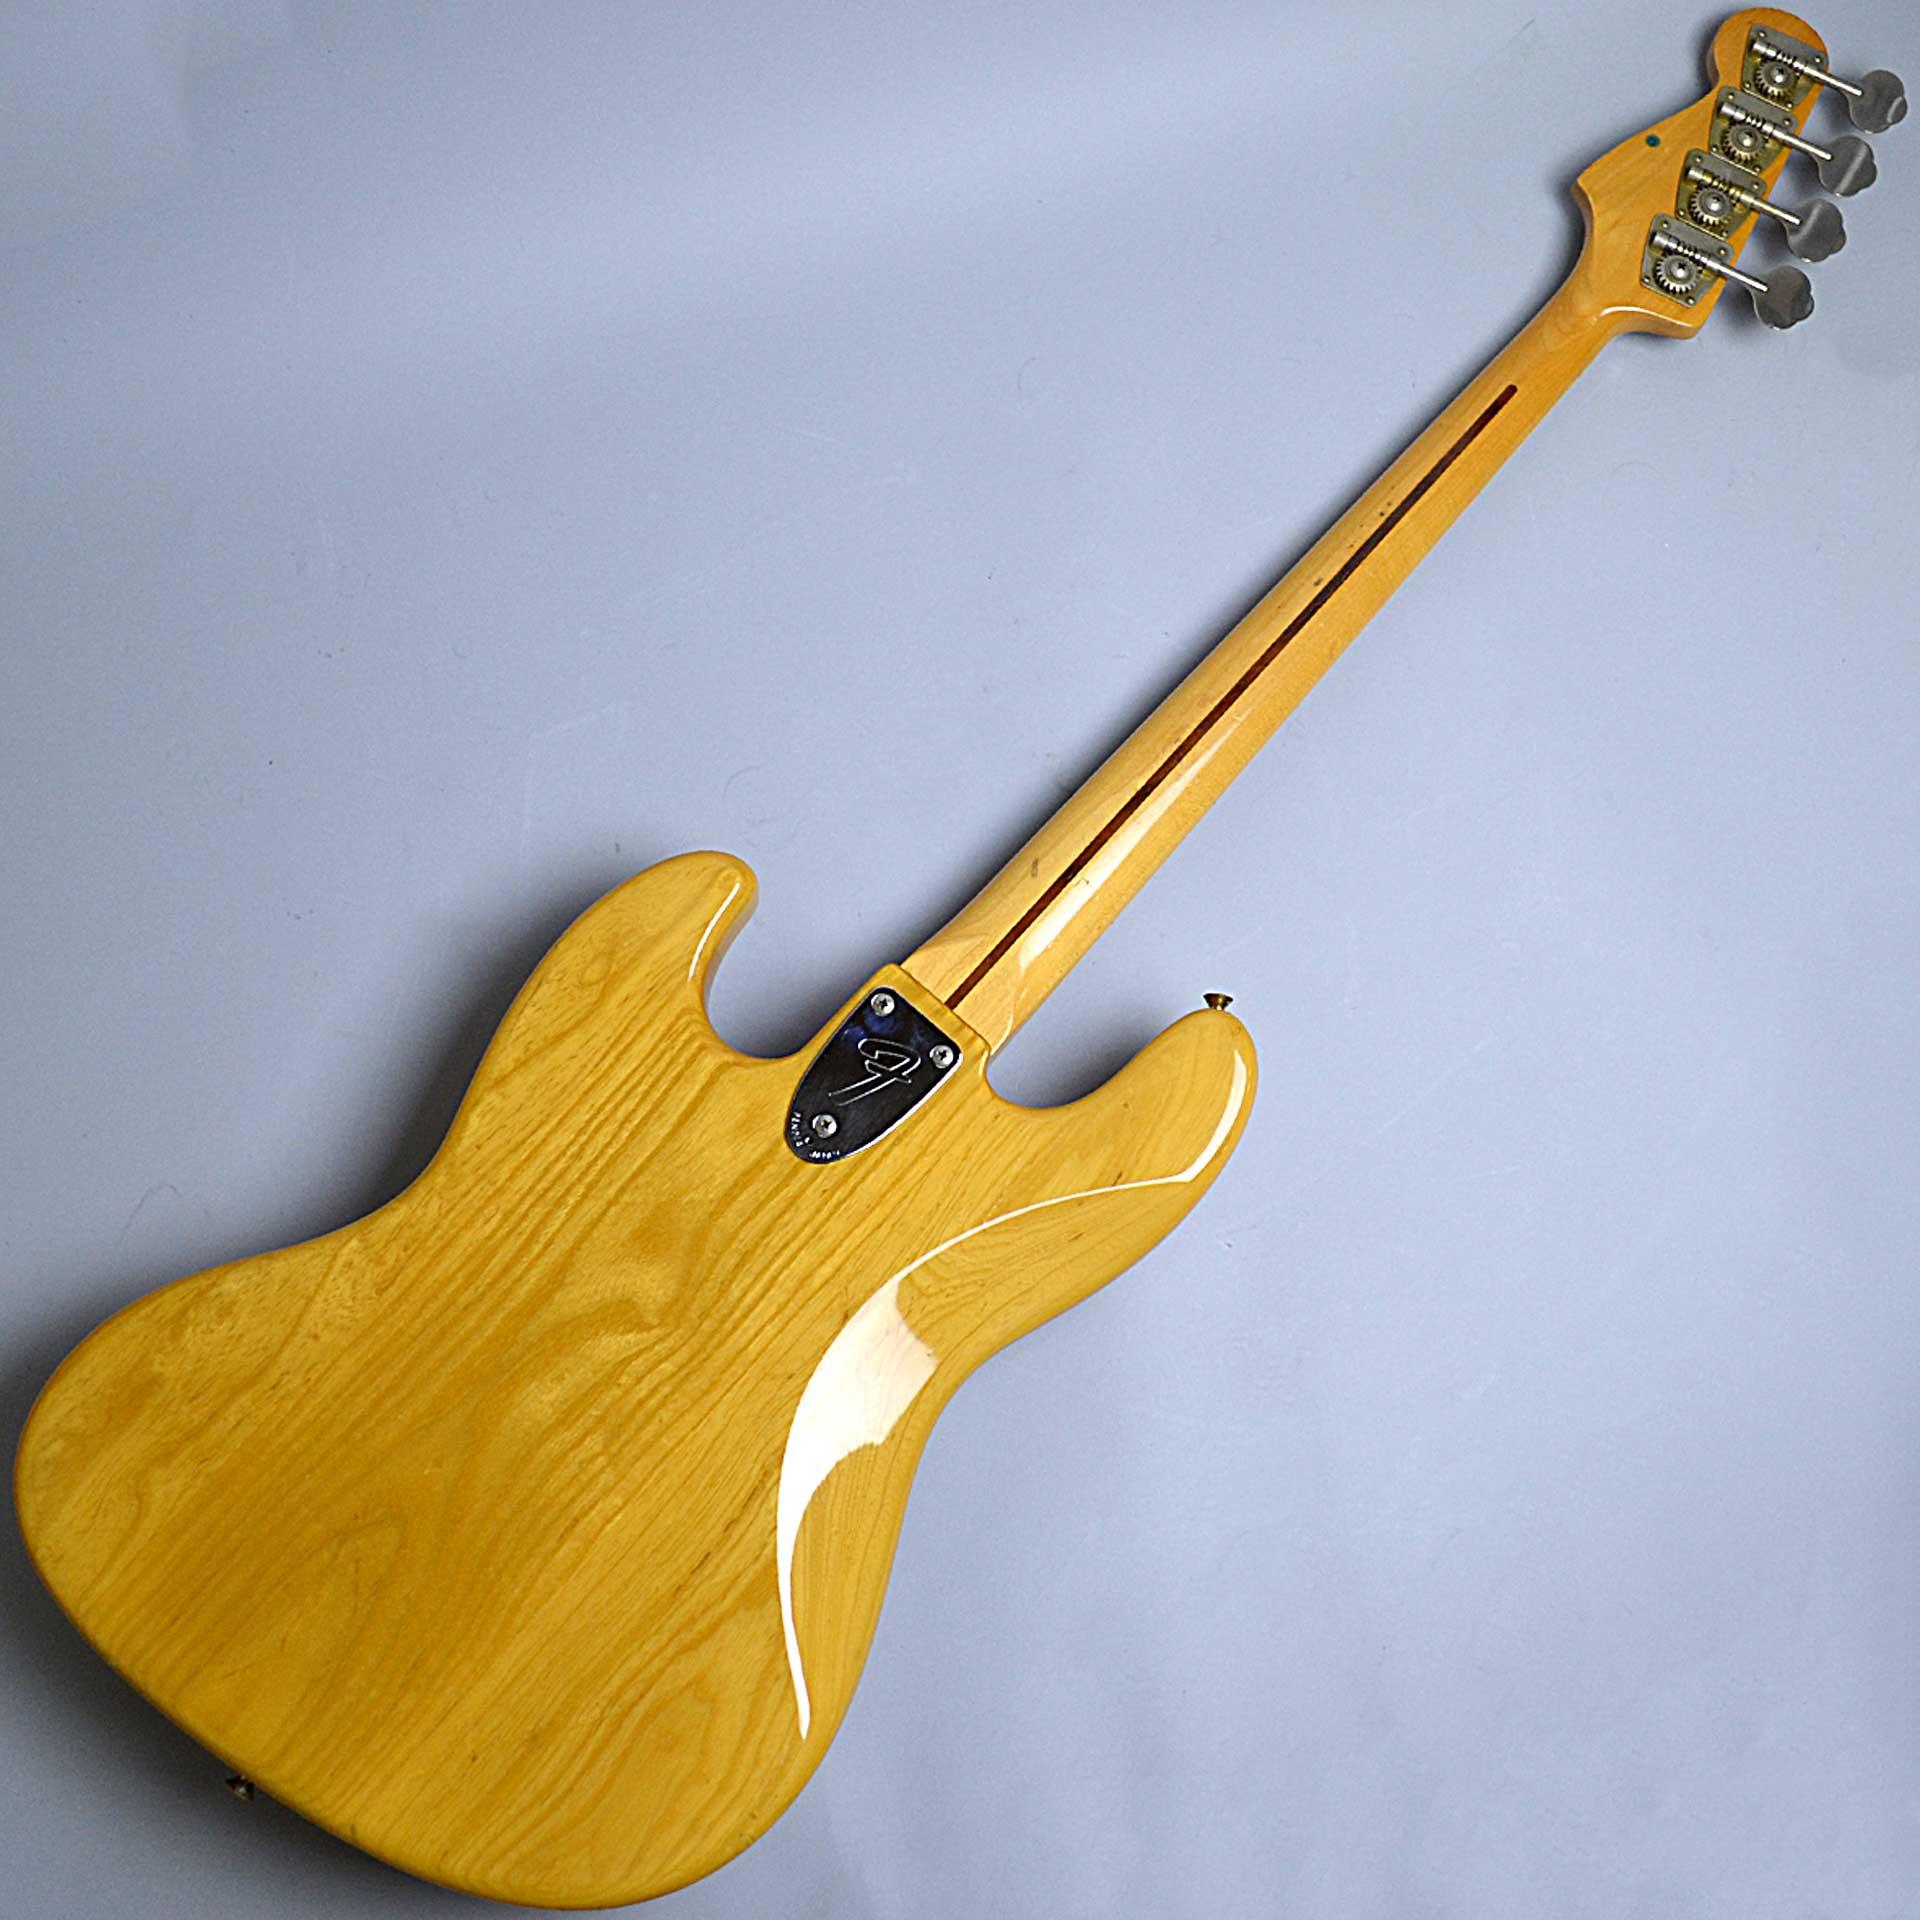 Jazz Bass(USED)の全体画像(縦)